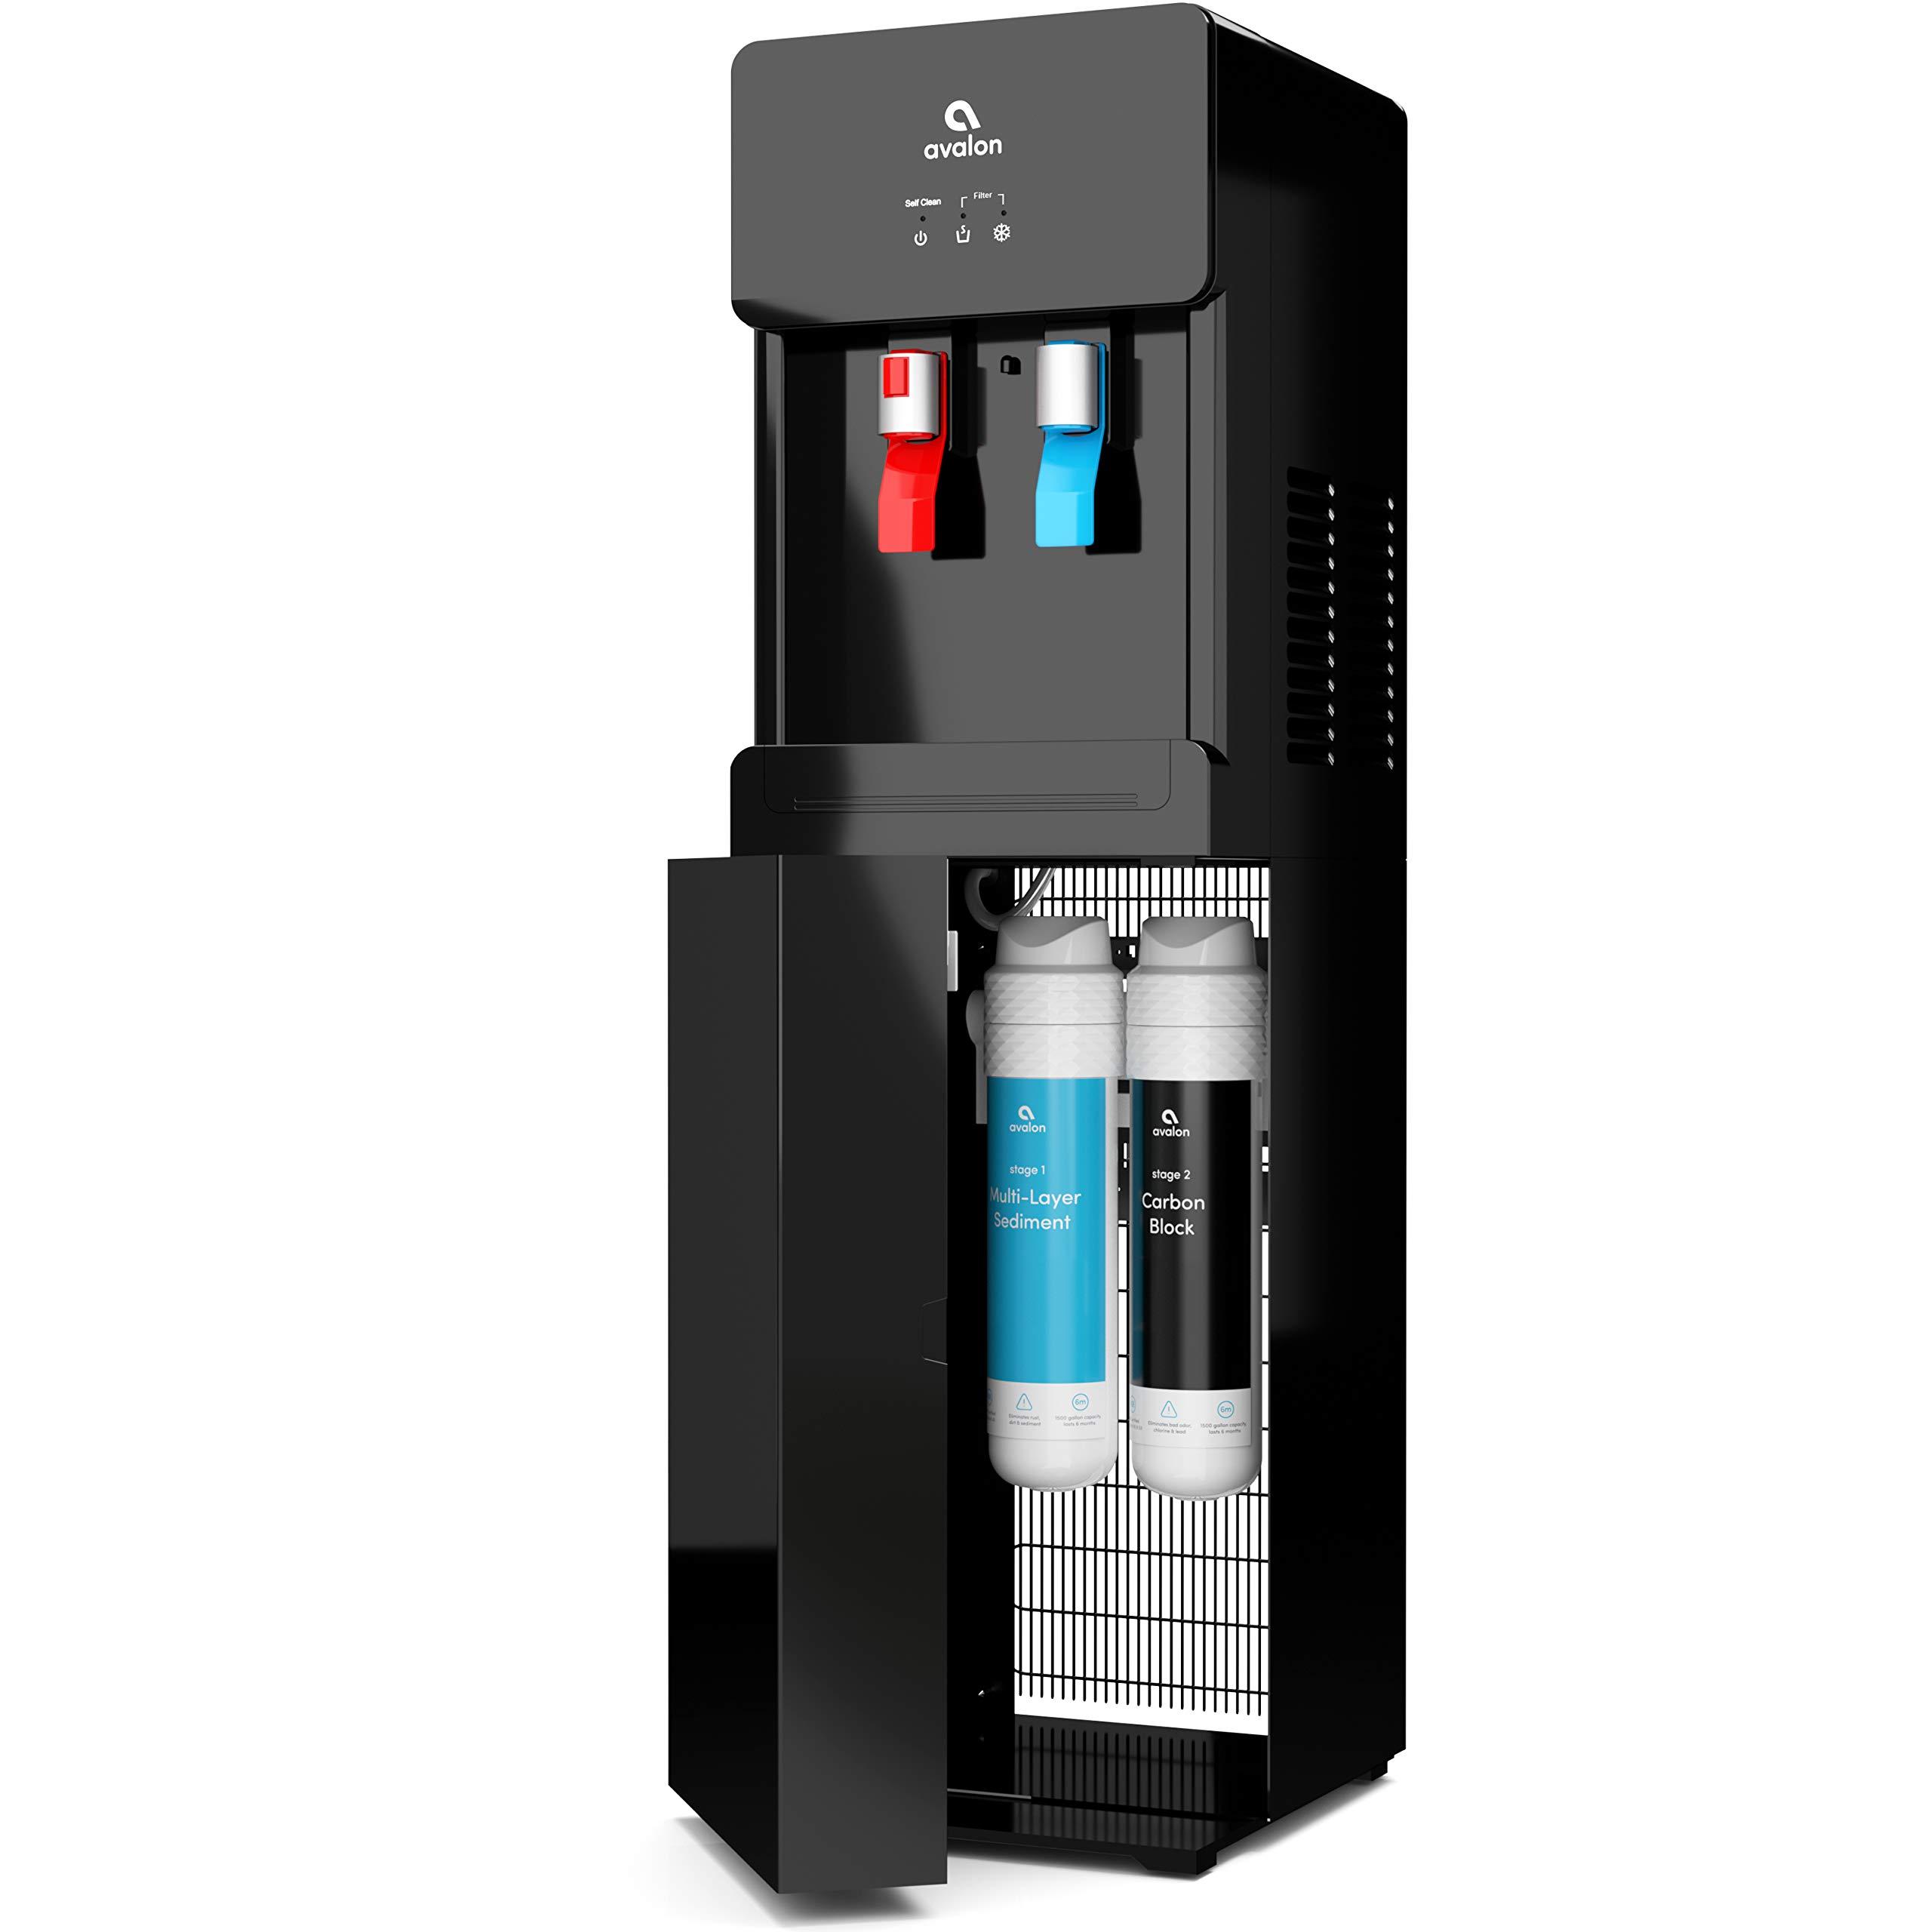 Avalon Cleaning Bottleless Cooler Dispenser